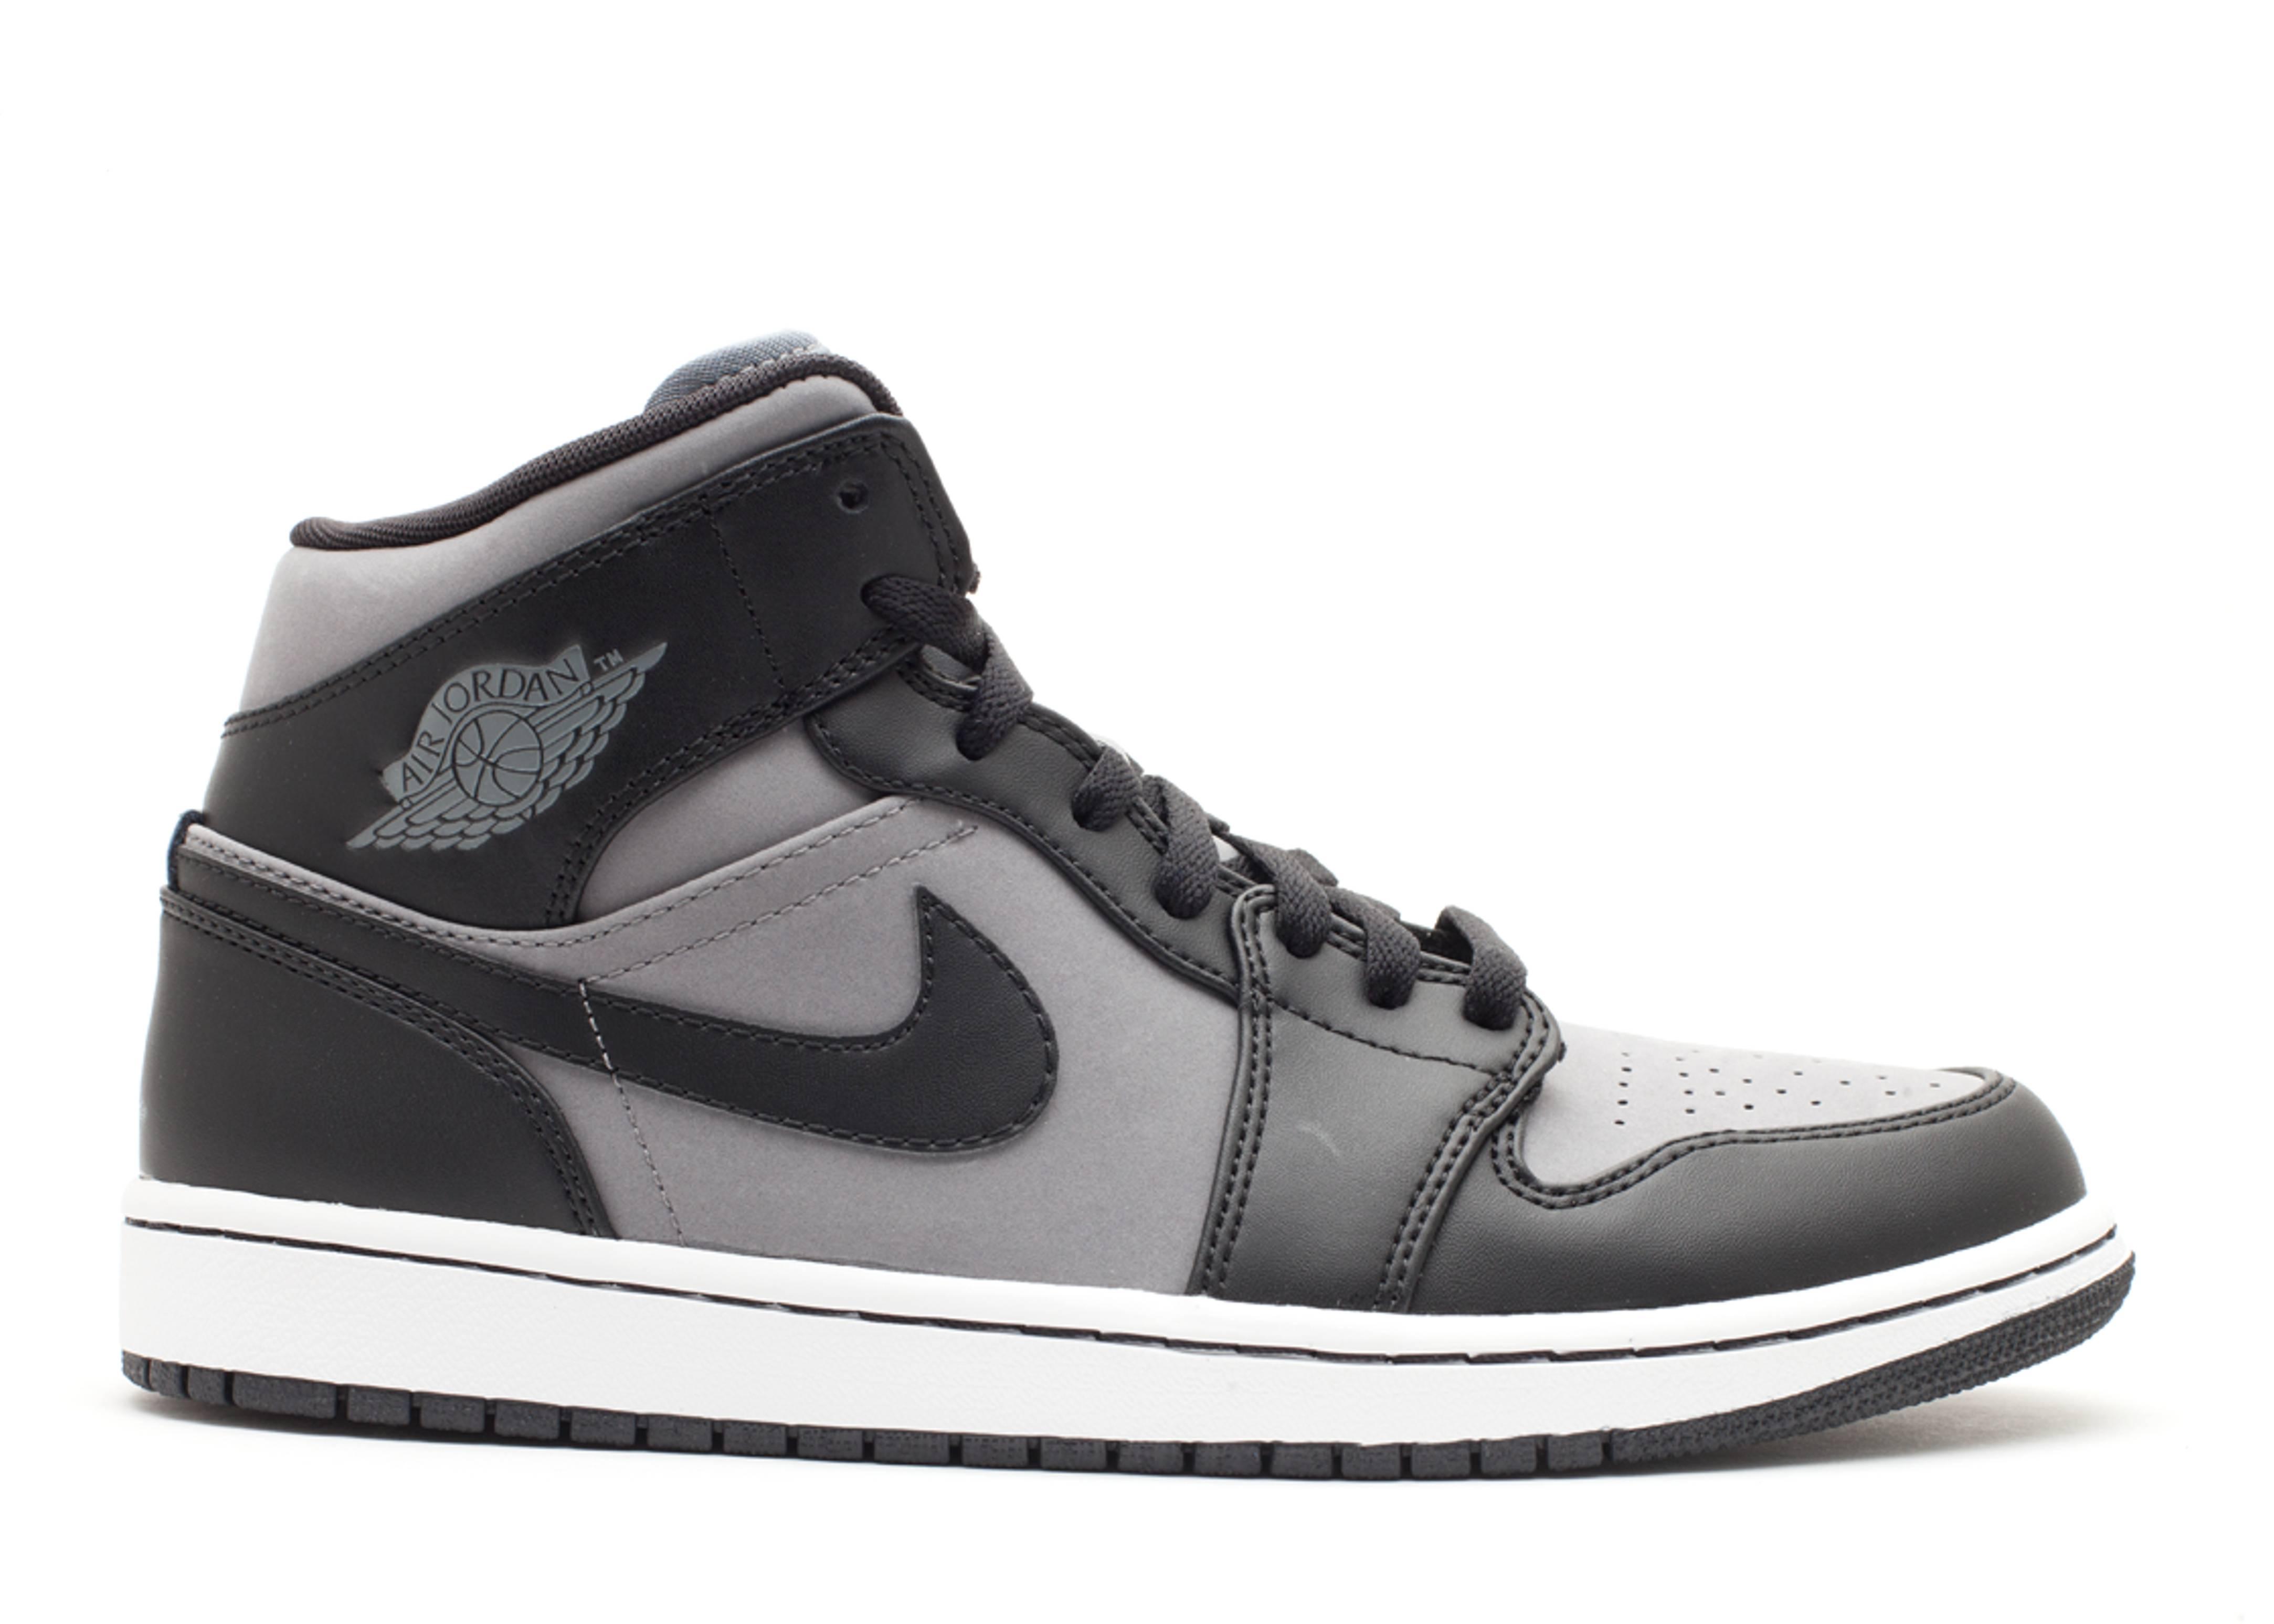 Air Jordan 1 Mid - Air Jordan - 364770 023 - cool grey black-white ... 5032e487a28d